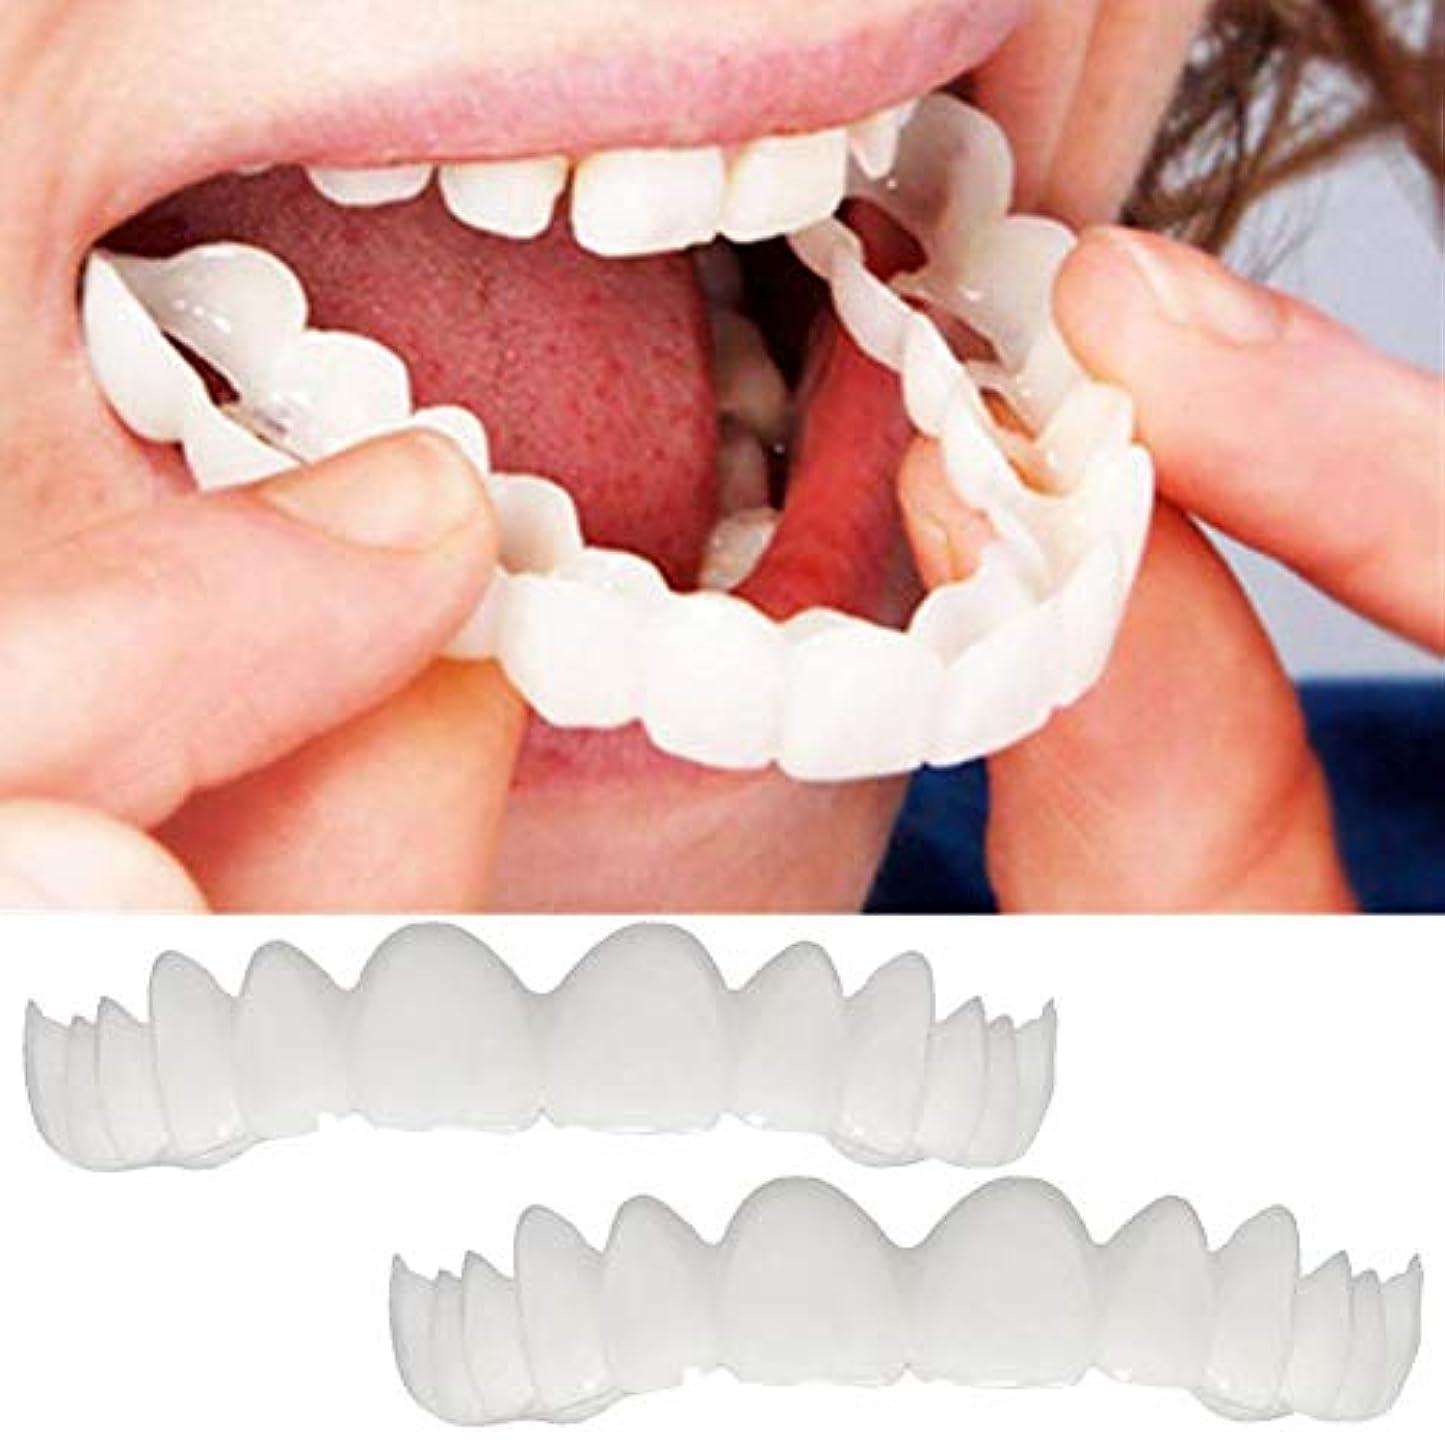 叫ぶ冷凍庫促すホワイトニングスナップオンスマイルパーフェクトスマイルフィット最も快適な義歯ケア入れ歯デンタルティースベニヤ上の歯と下の歯,1Pcs